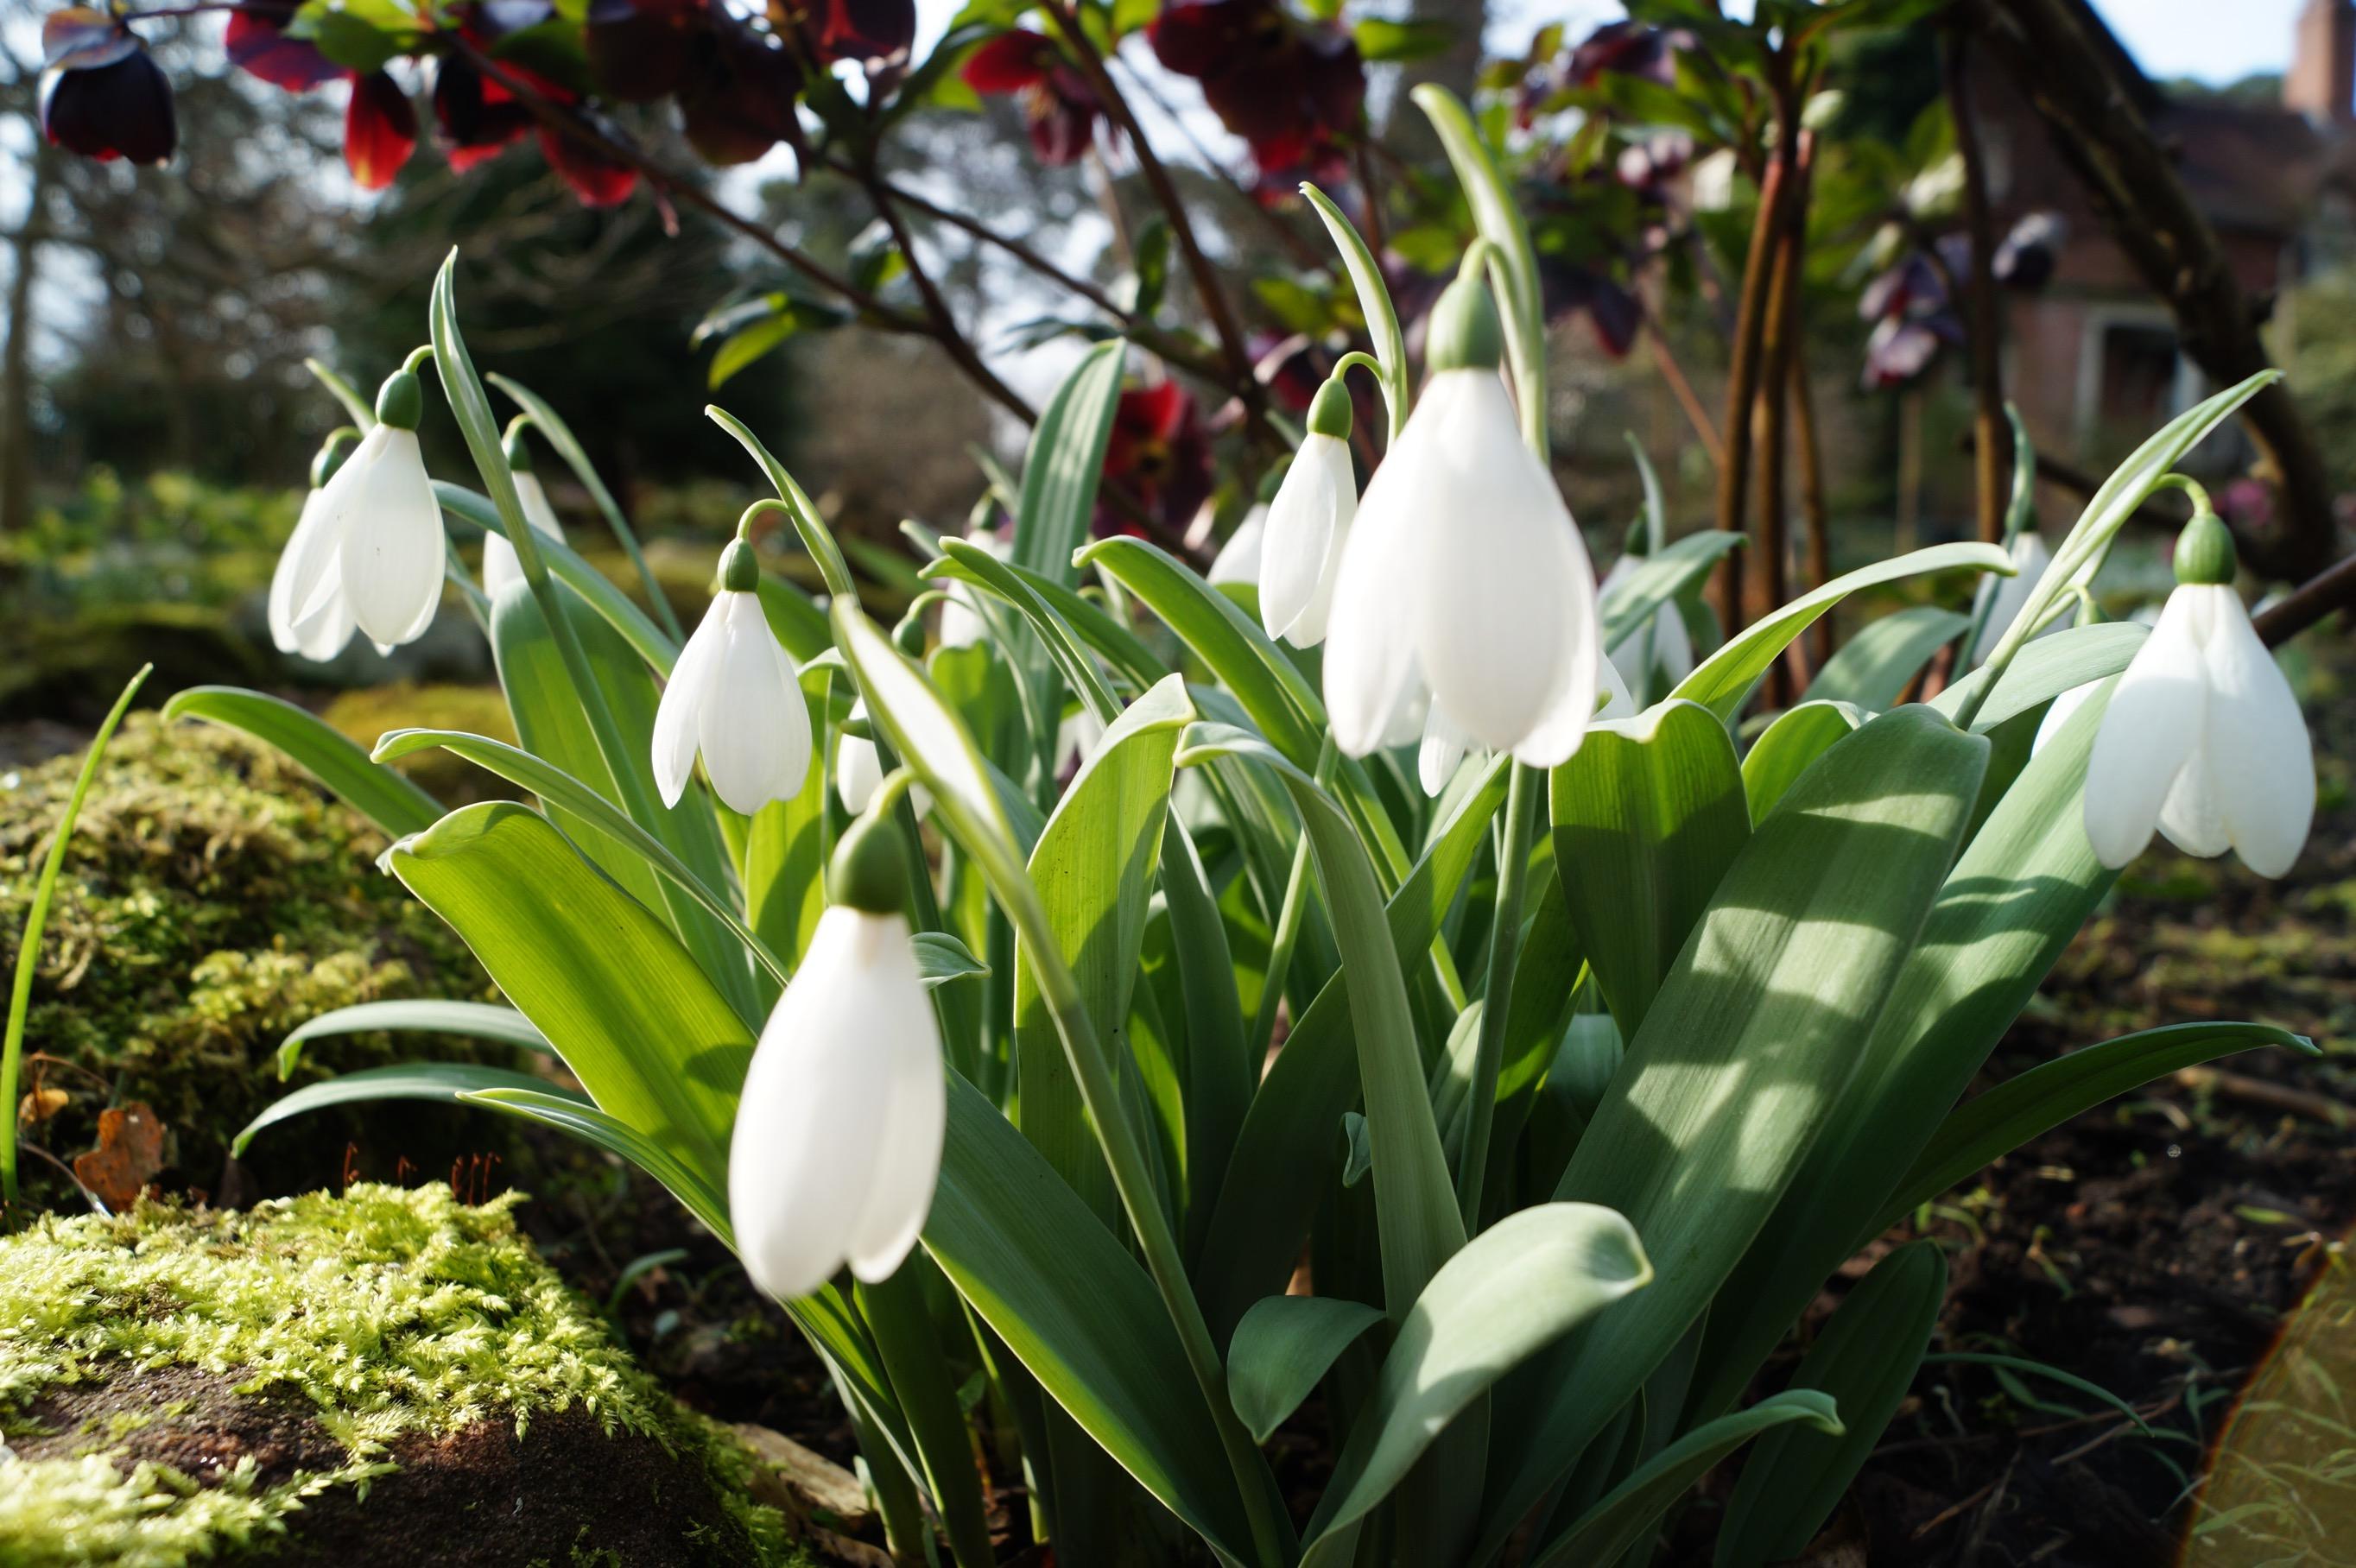 galanthus_elwesii_marjorie_brown3_morlas_plants